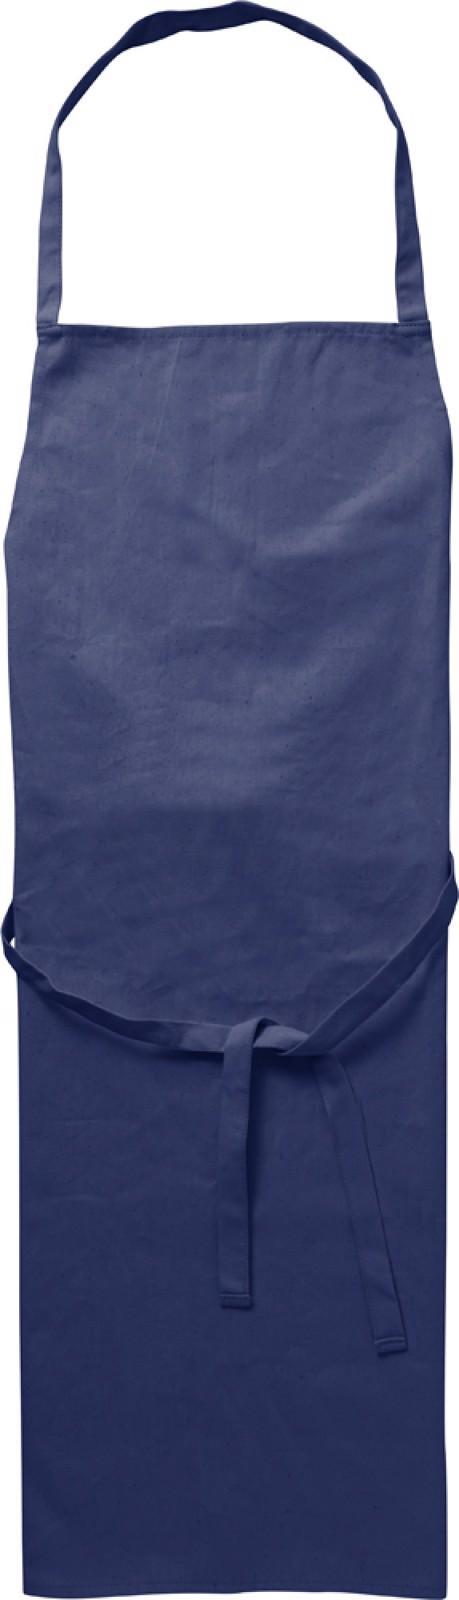 Cotton (180 gr/m²) apron - Blue